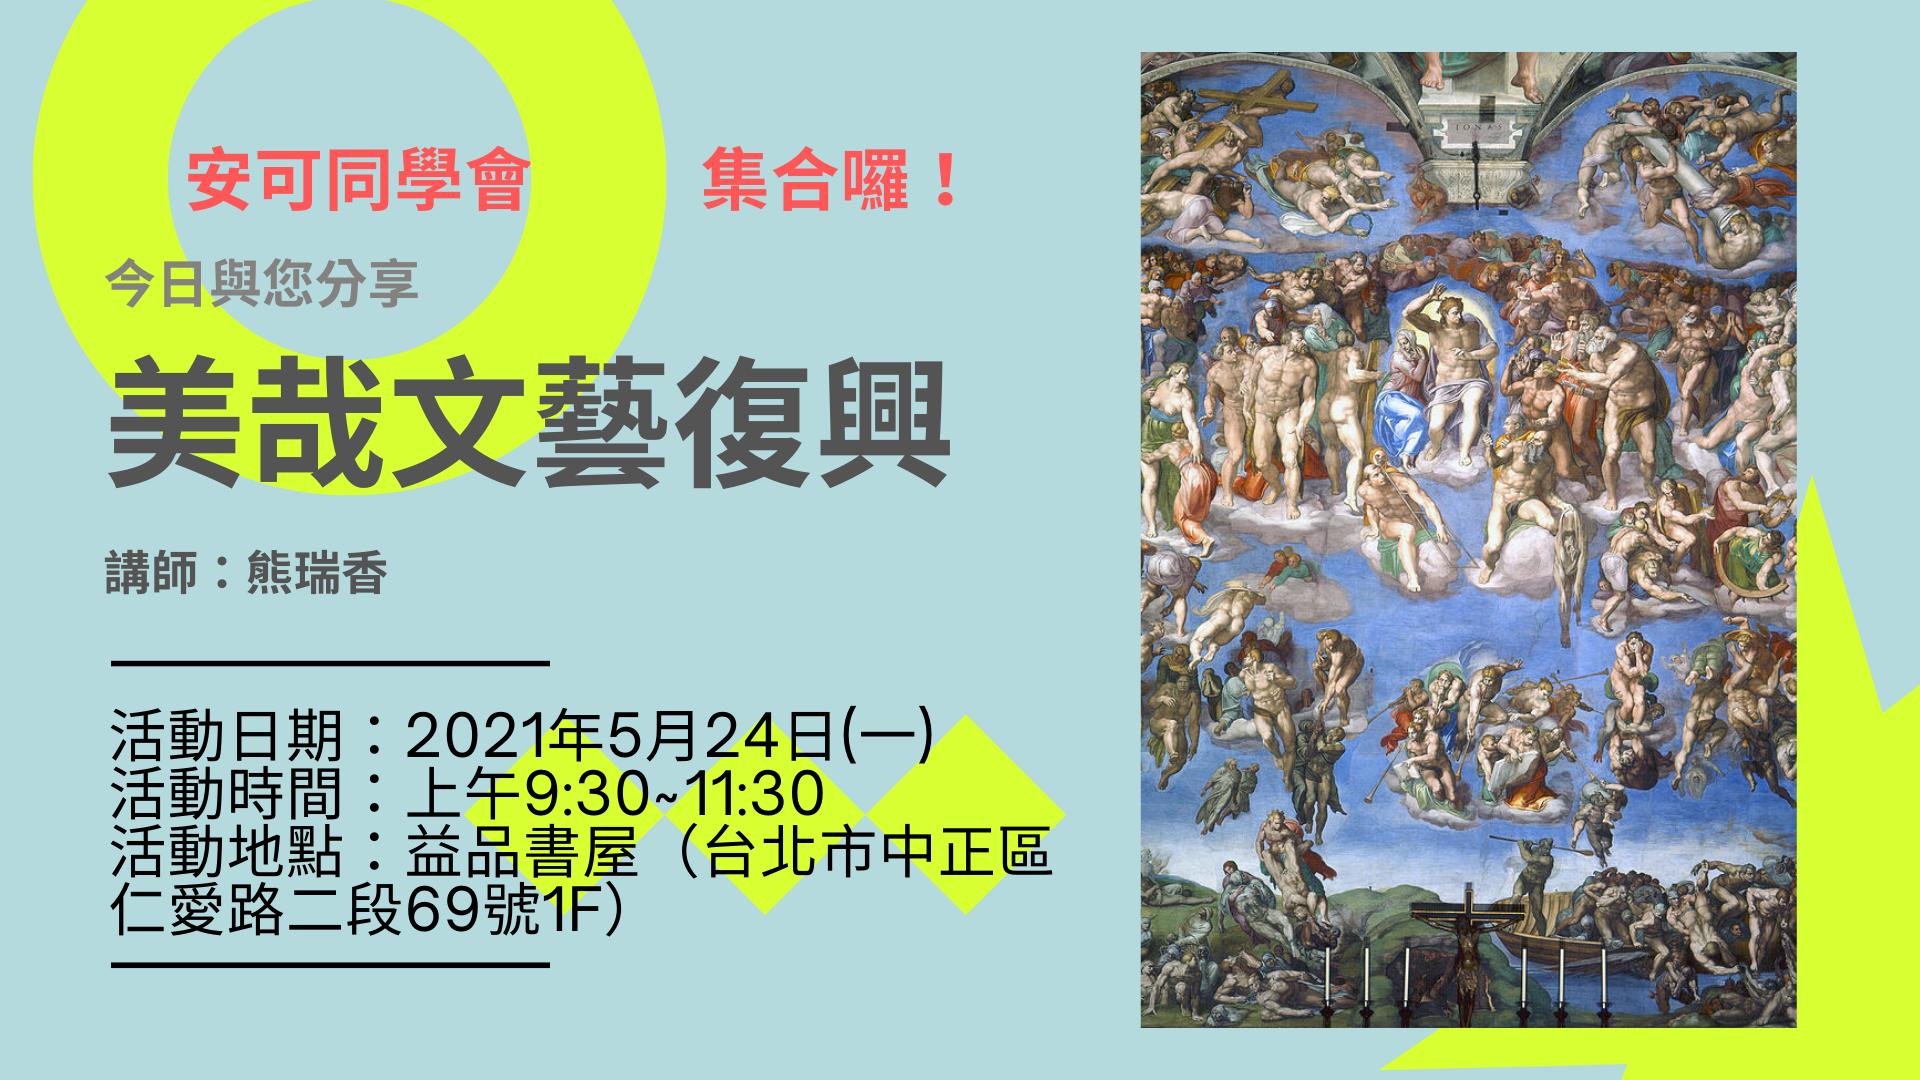 【安可同學會】集合囉! 首聚:美哉文藝復興──走進文藝復興藝術史(延期舉辦)